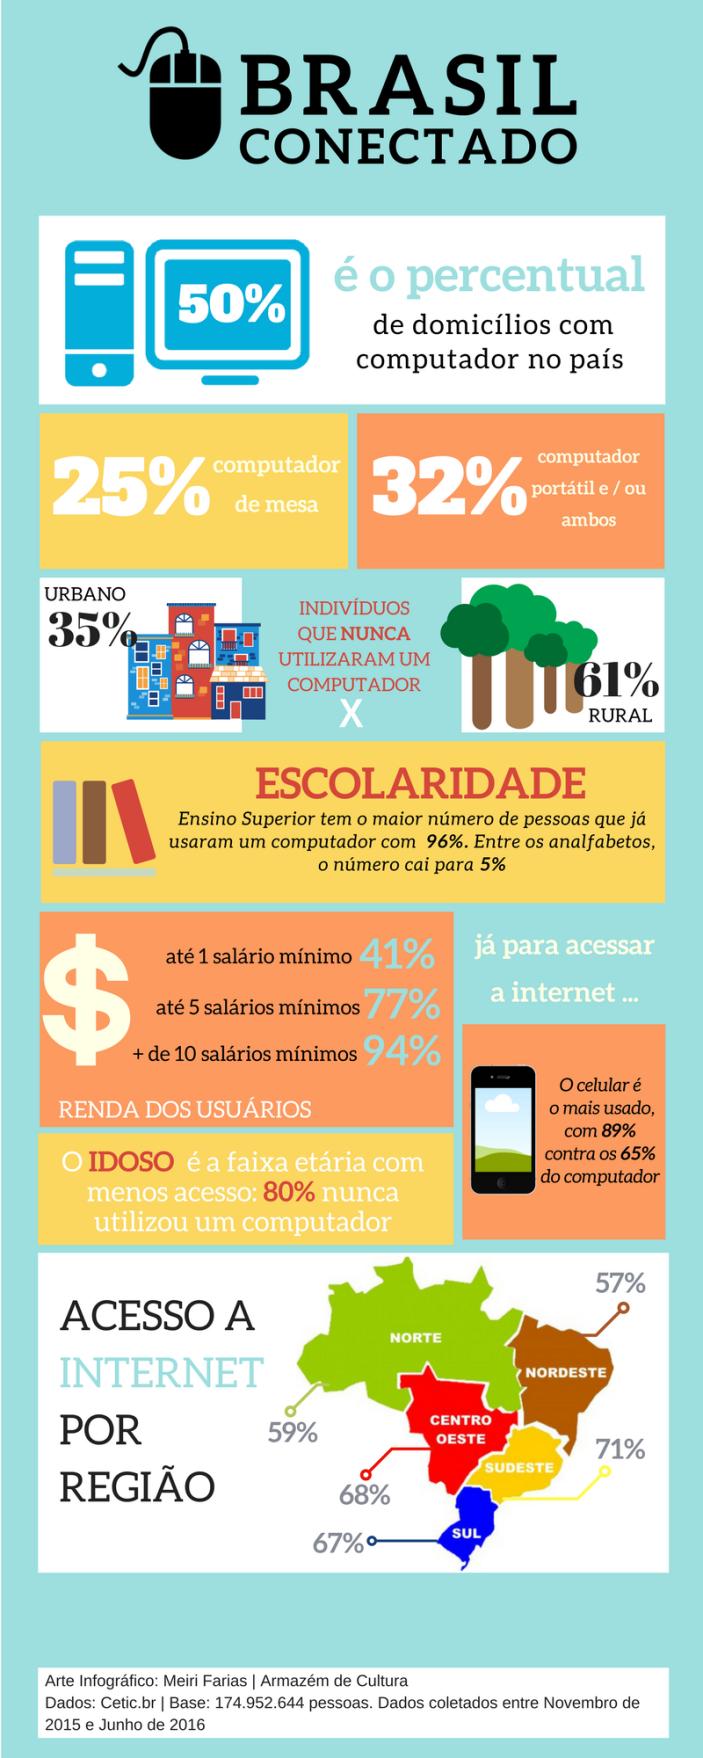 info-brasil-conectado-fim